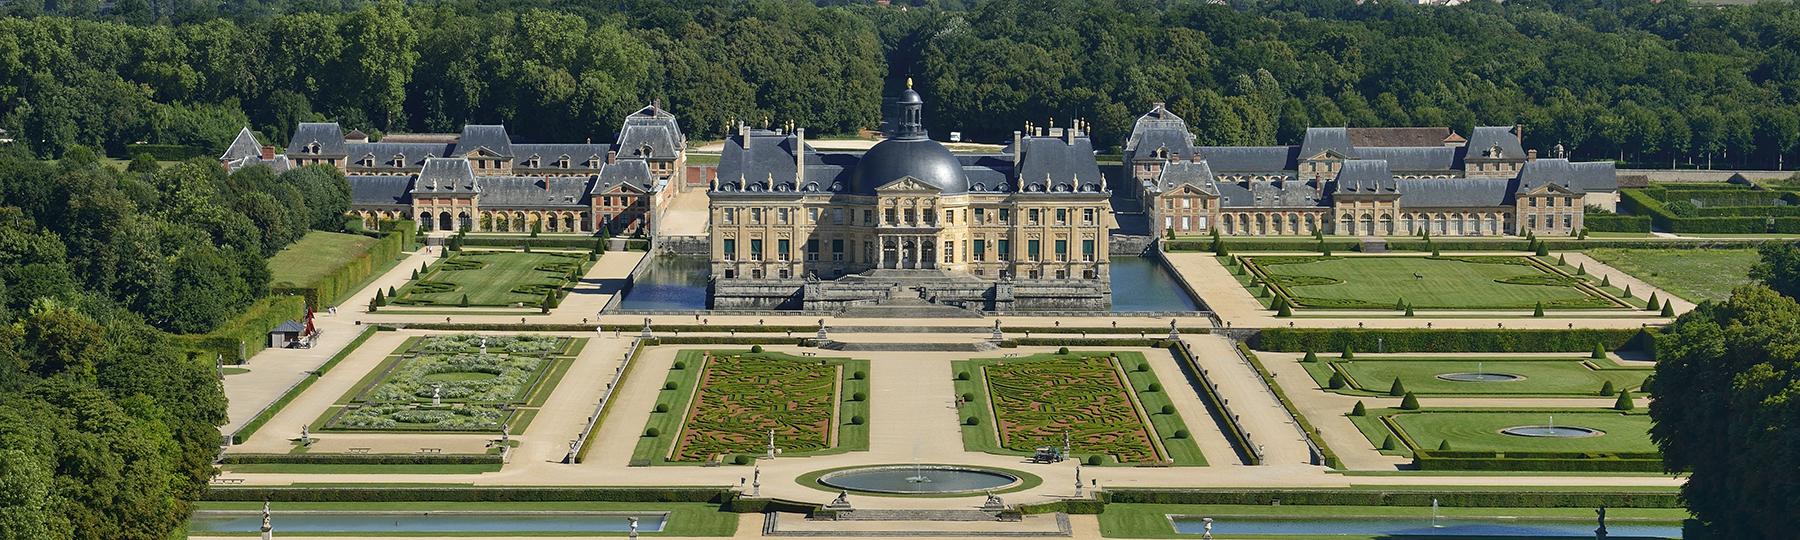 Vaux Le Vicomte Fouquet